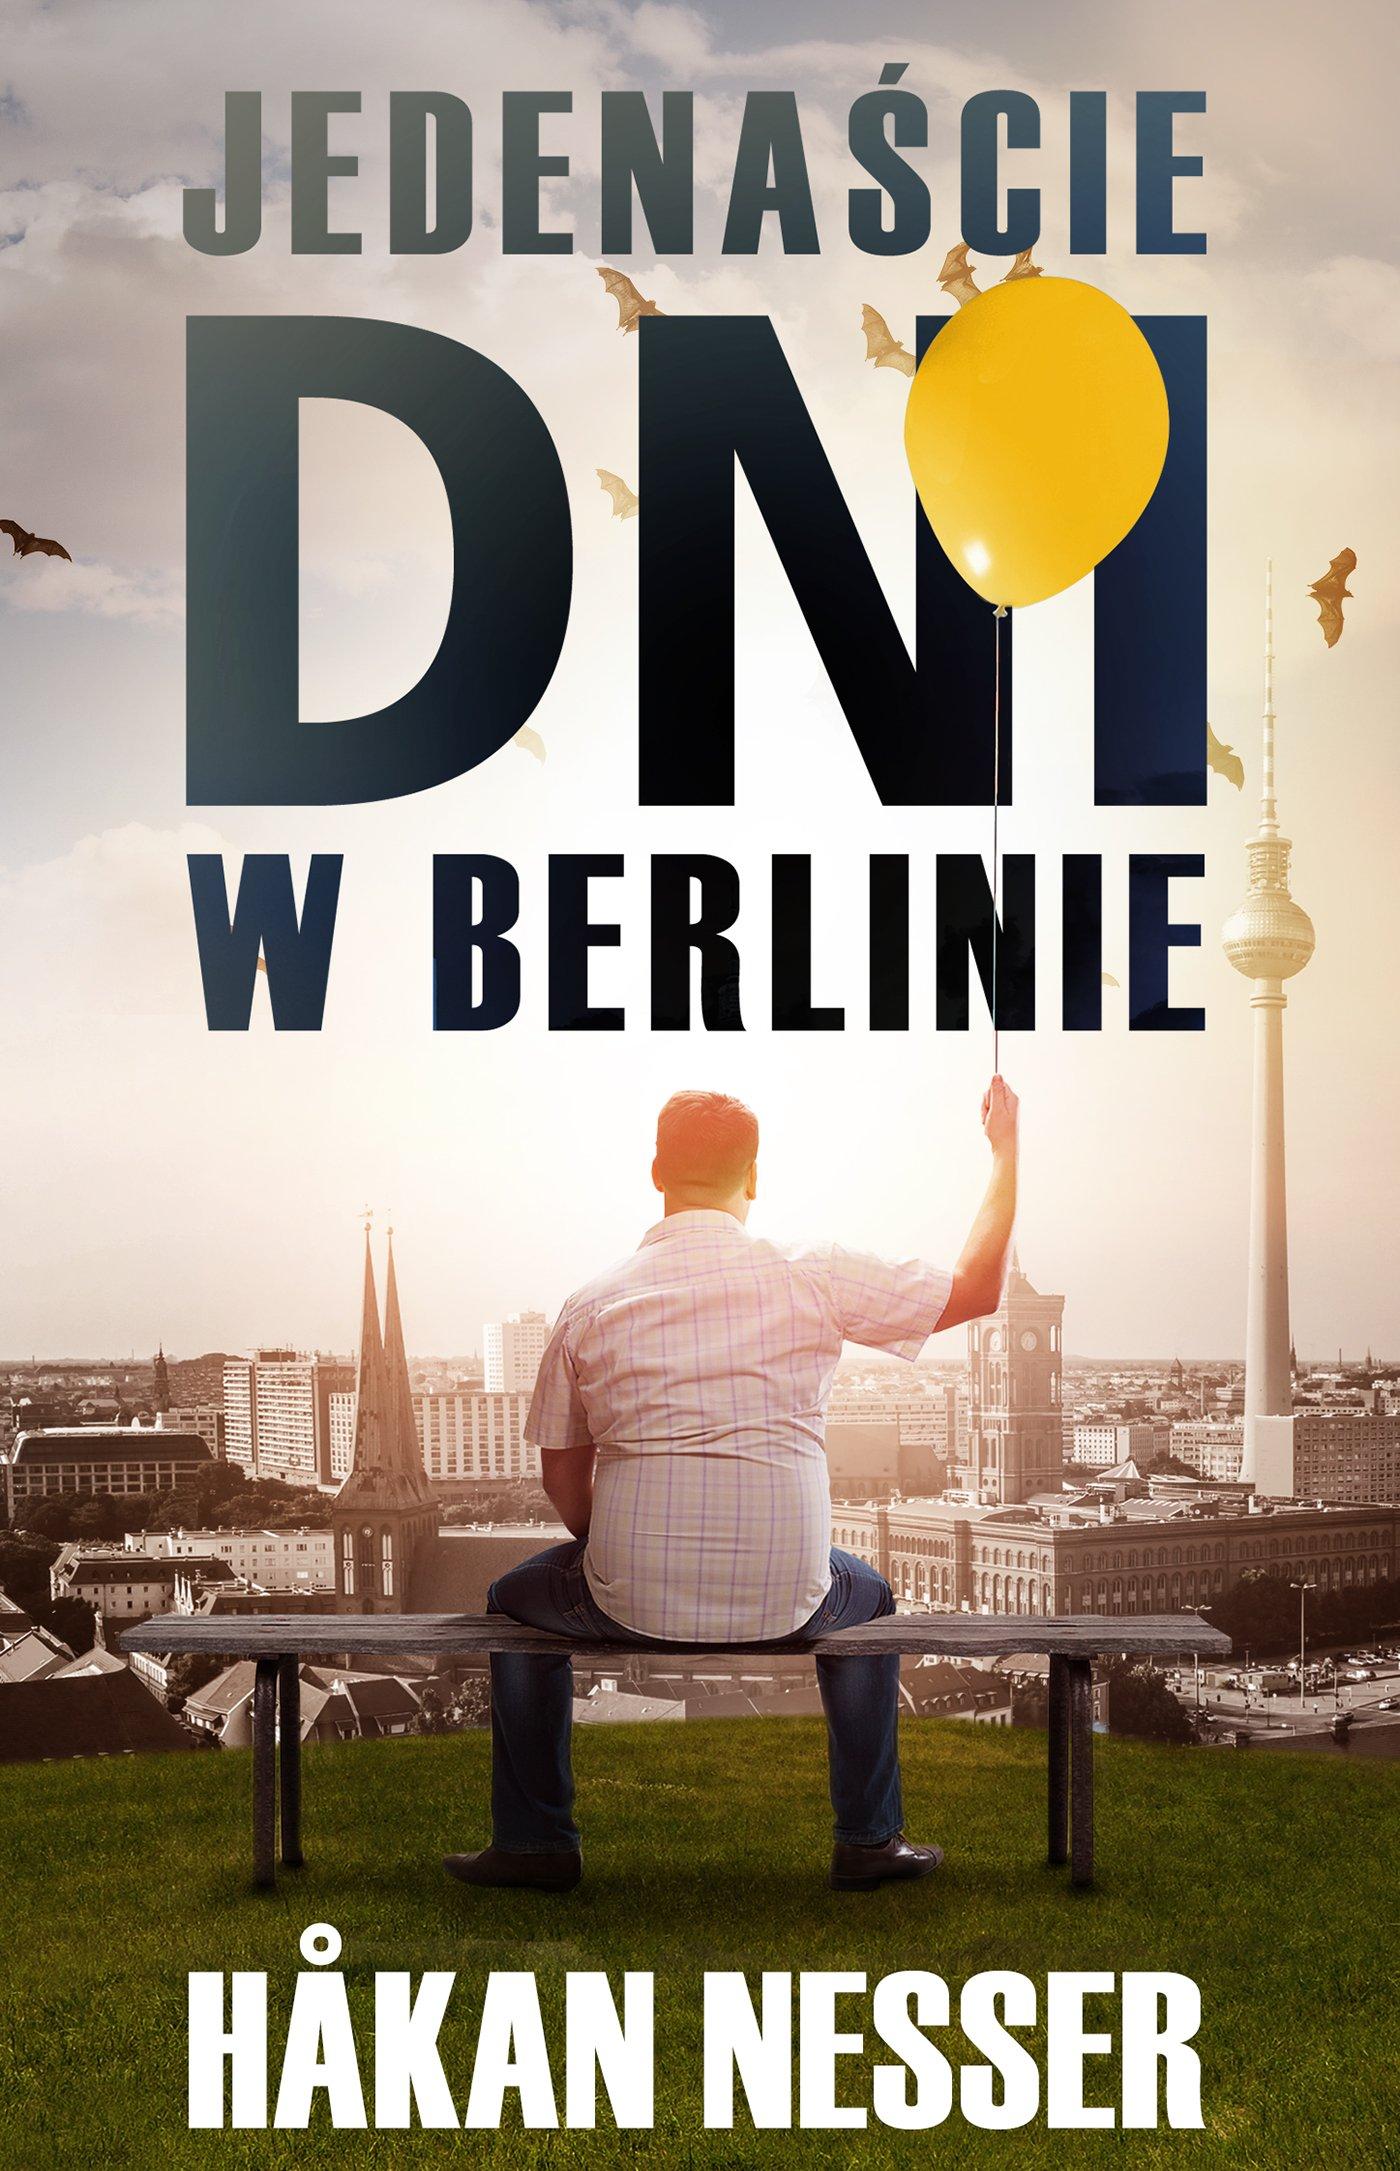 Jedenaście dni w Berlinie - Ebook (Książka EPUB) do pobrania w formacie EPUB